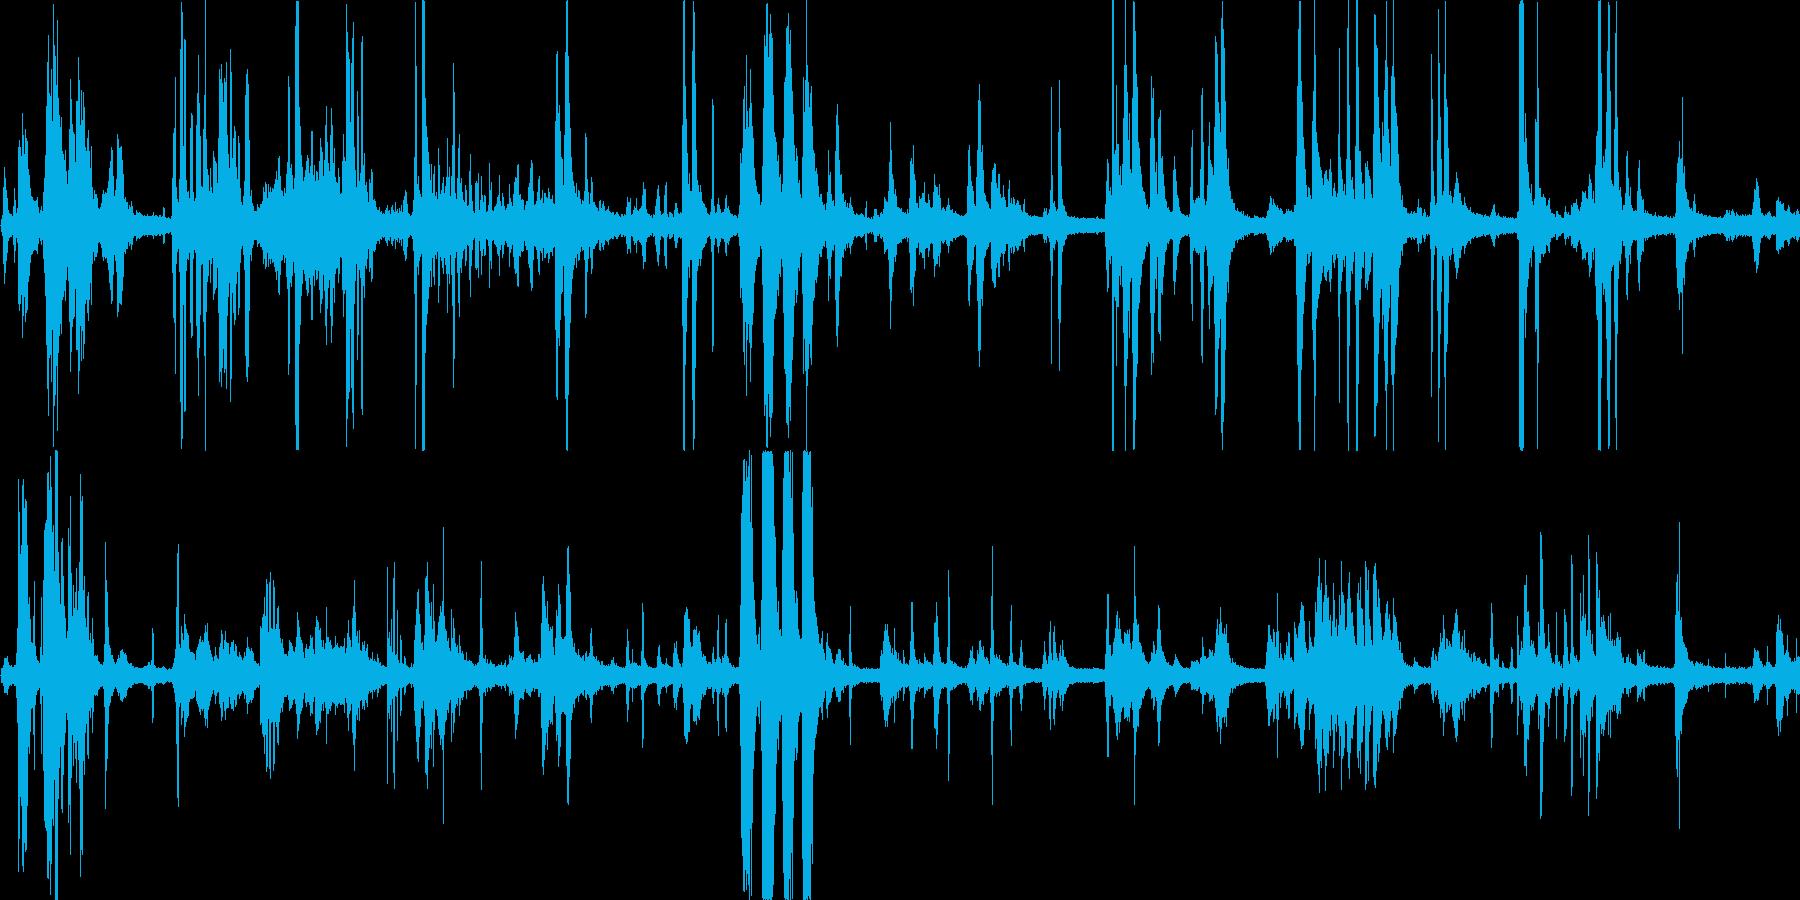 鳥の鳴き声(ピーピー・ピヨピヨ)の再生済みの波形